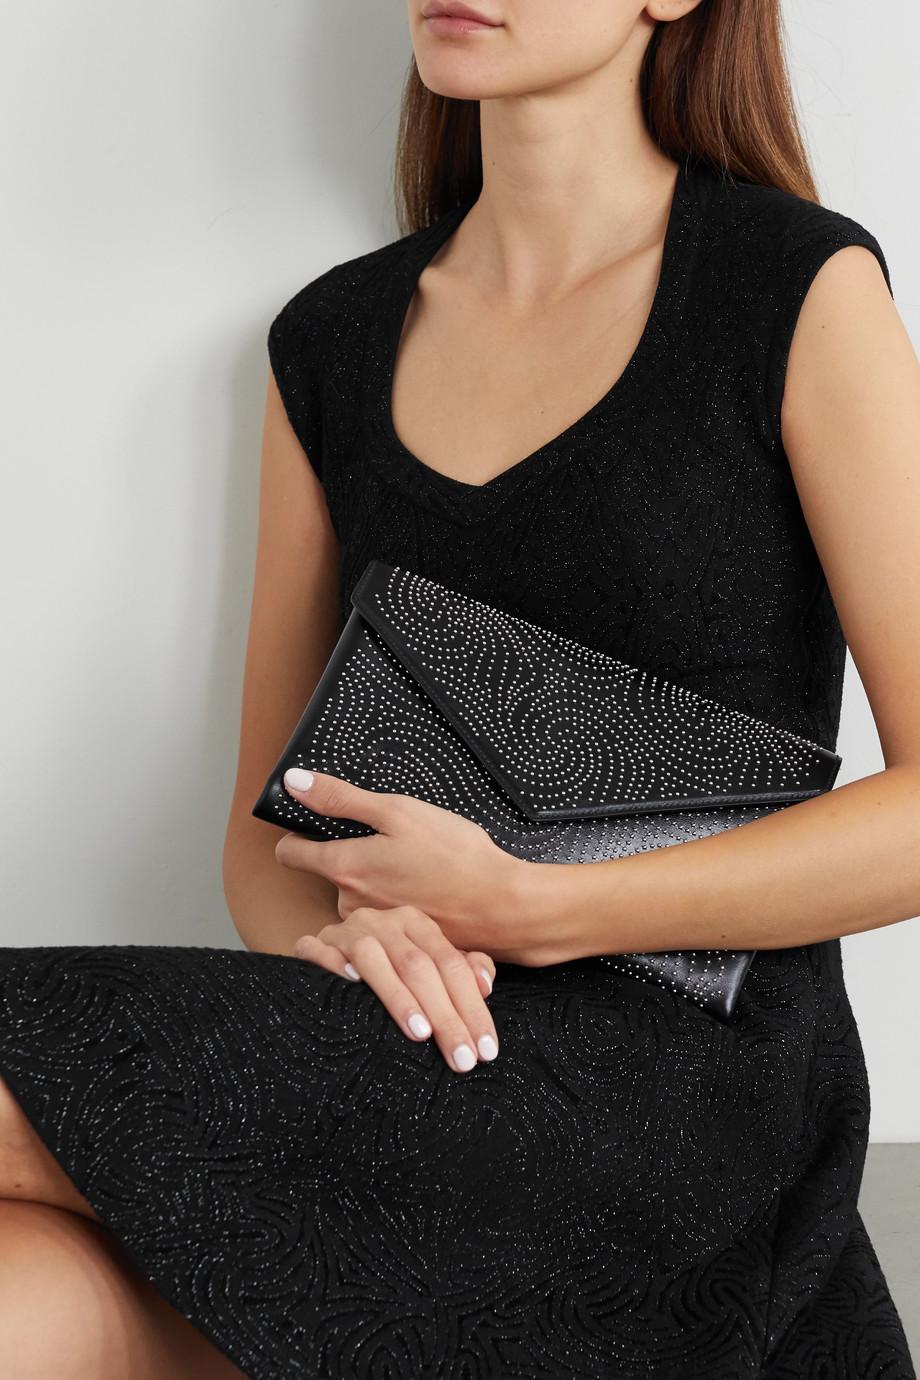 Alaïa Oum mittelgroße Clutch aus Leder mit Nieten